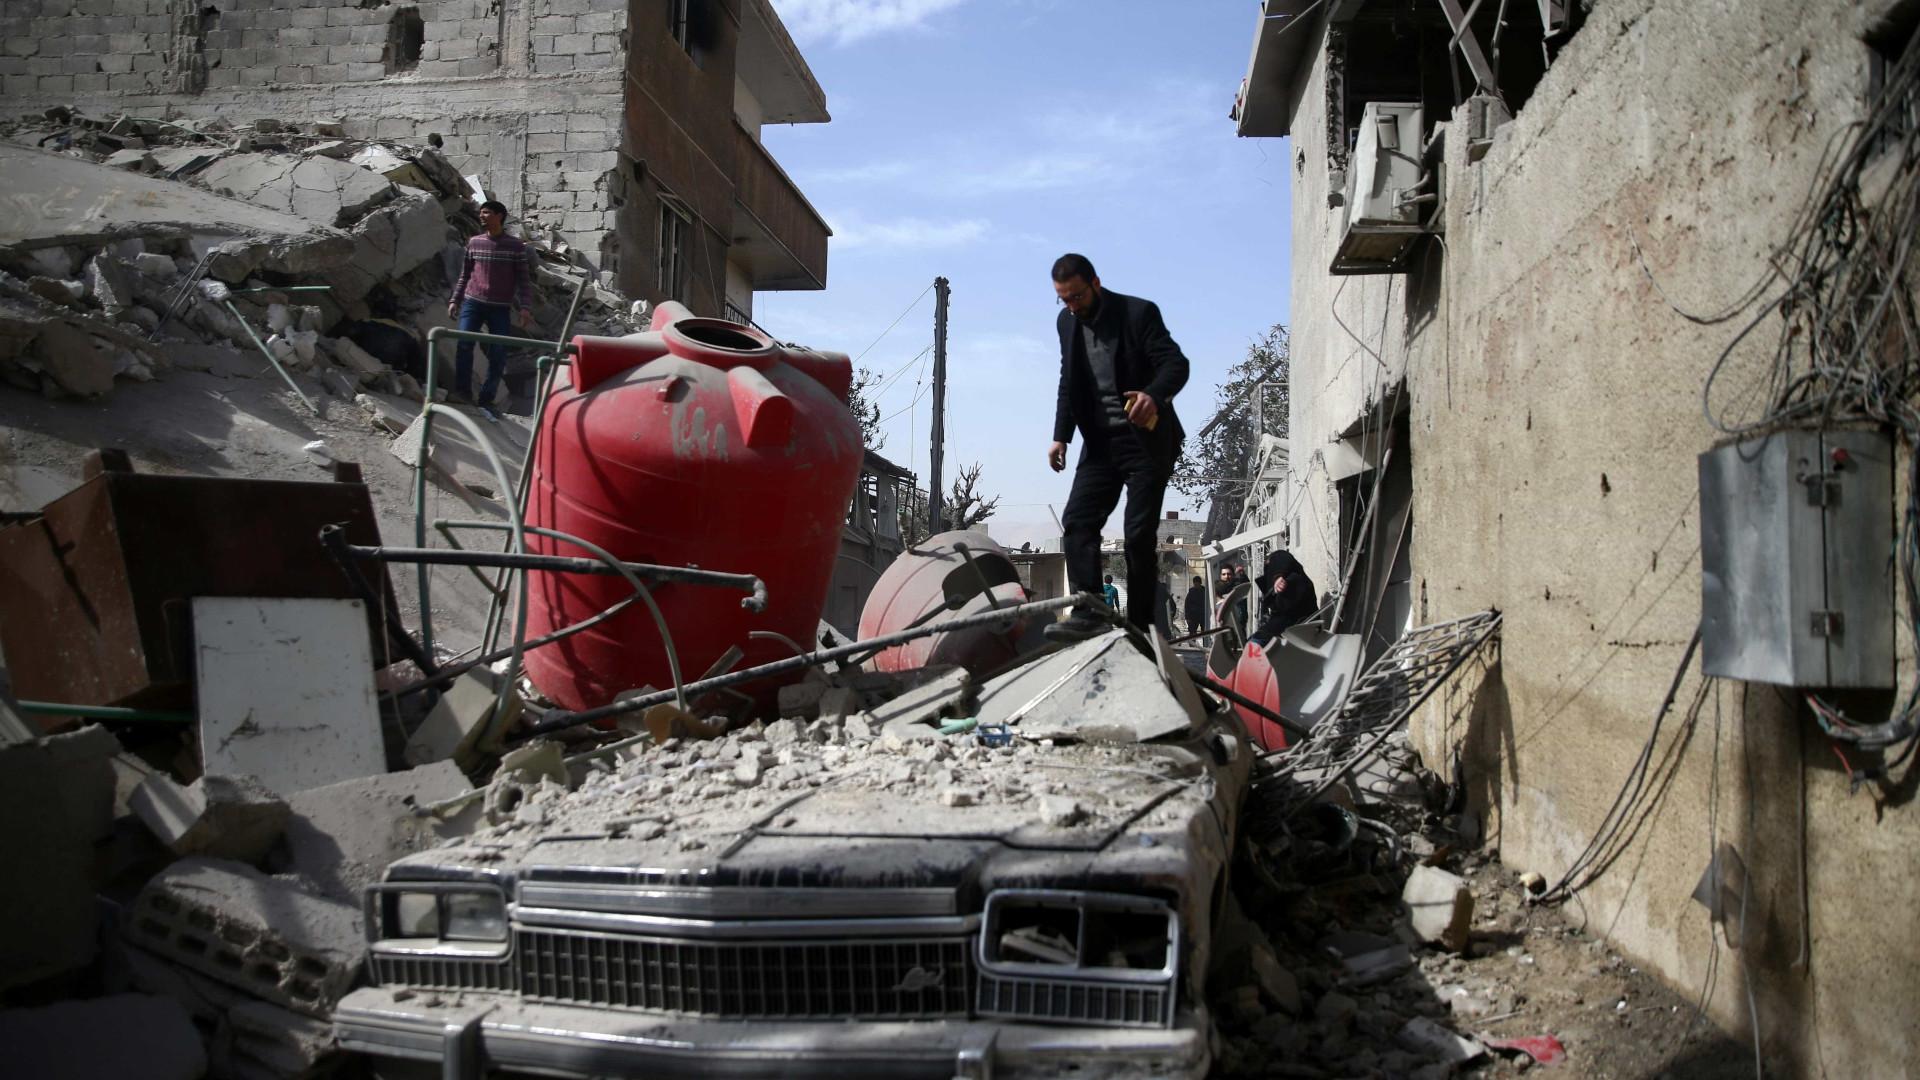 Força Aérea síria bombardeia enclave rebelde de Ghouta e mata 77 civis